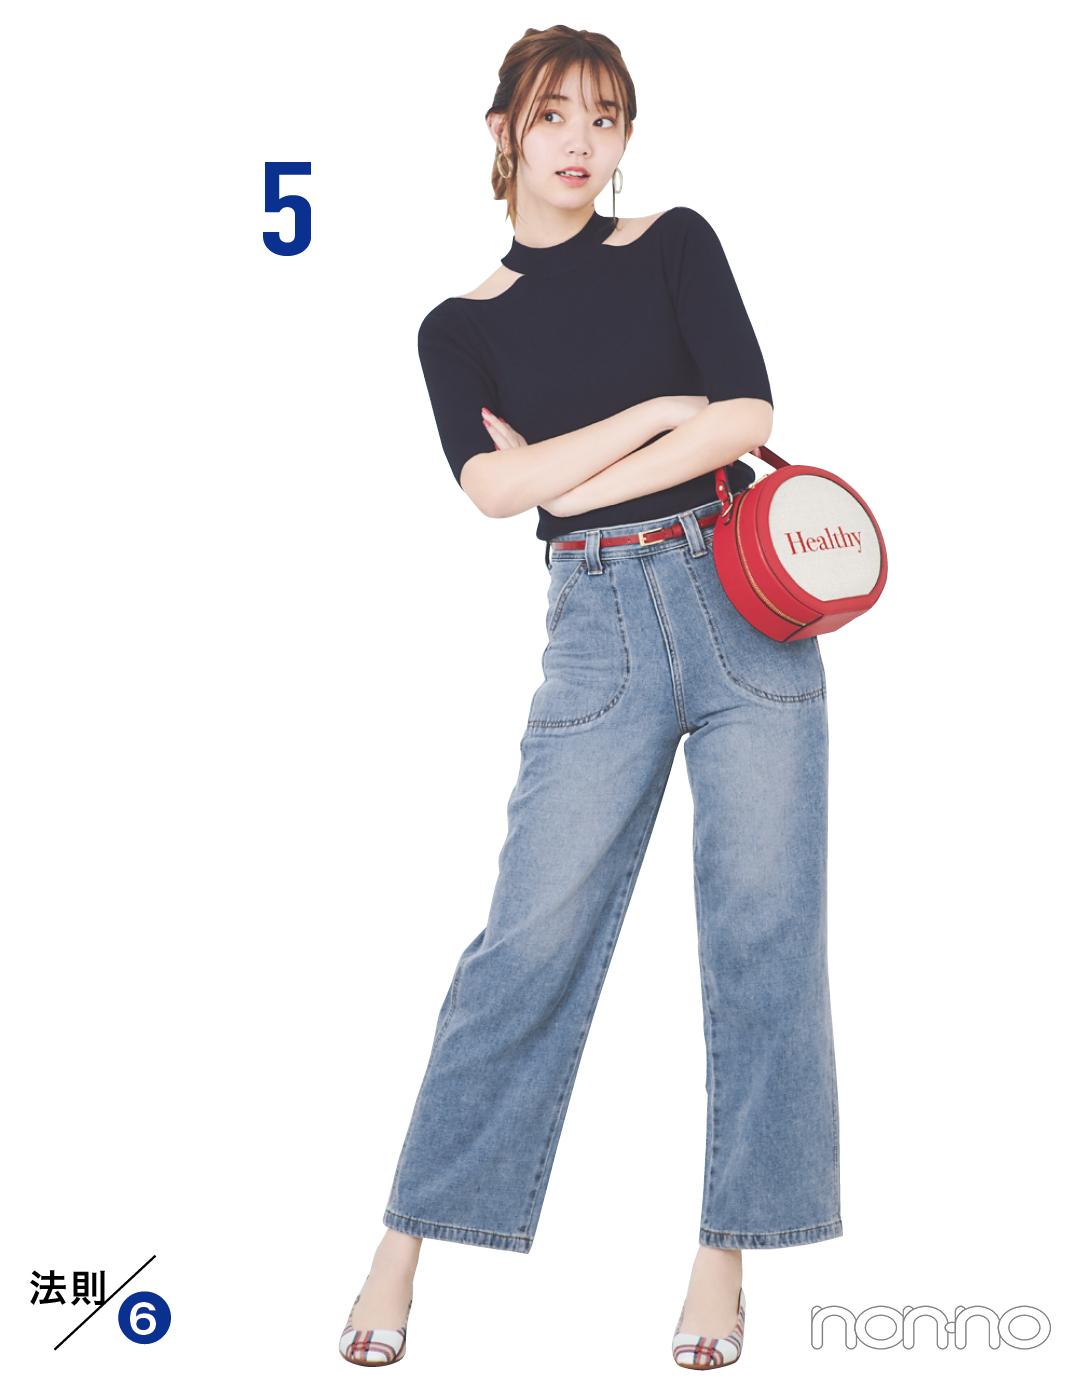 ワイドデニムパンツ最新着回しコーデ1×7★ 大人っぽコーデのための法則つき!_1_4-5